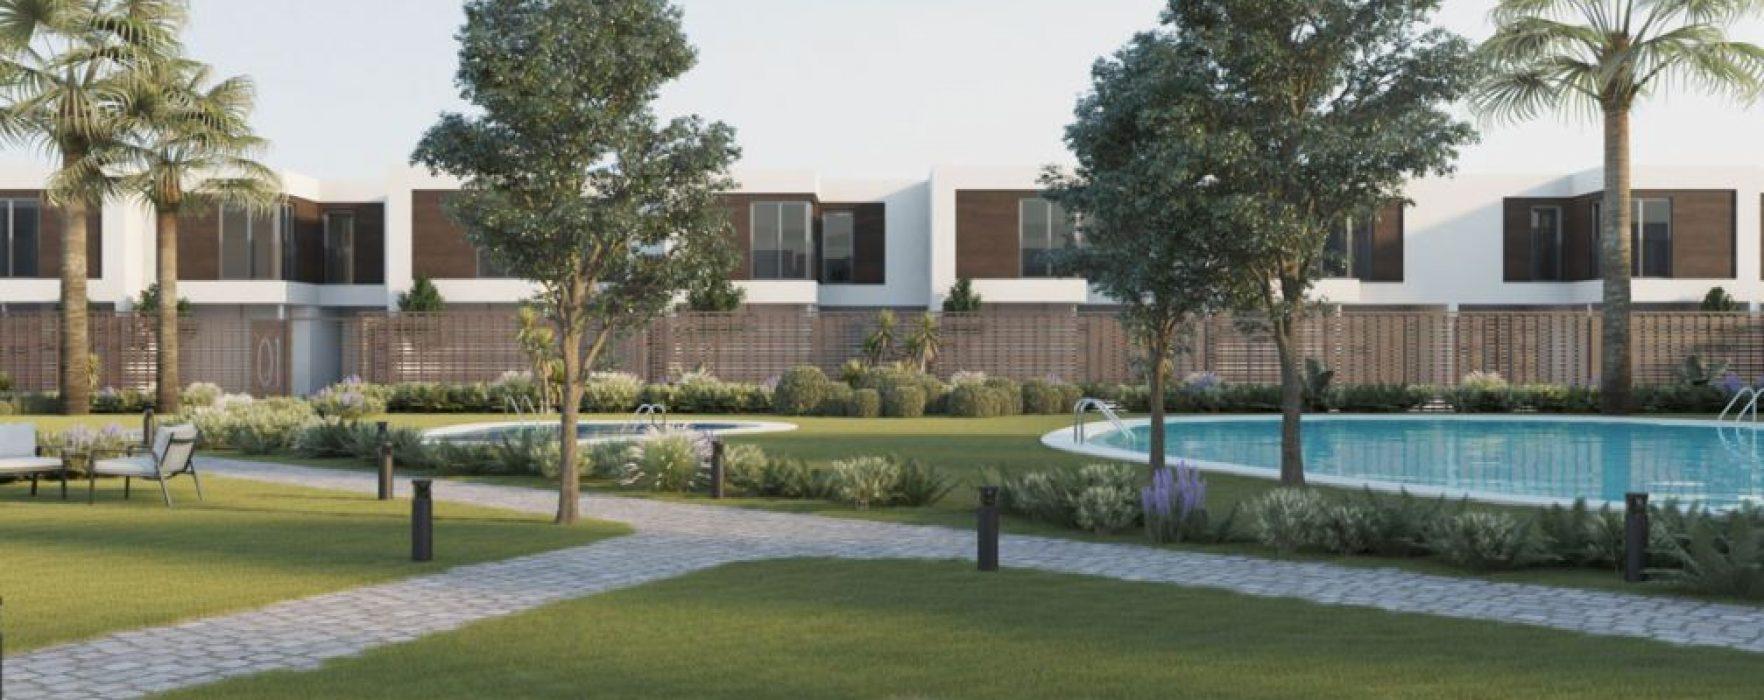 Villas de Arco Norte en Dos Hermanas: vivir en un unifamiliar a 12 km del centro de Sevilla